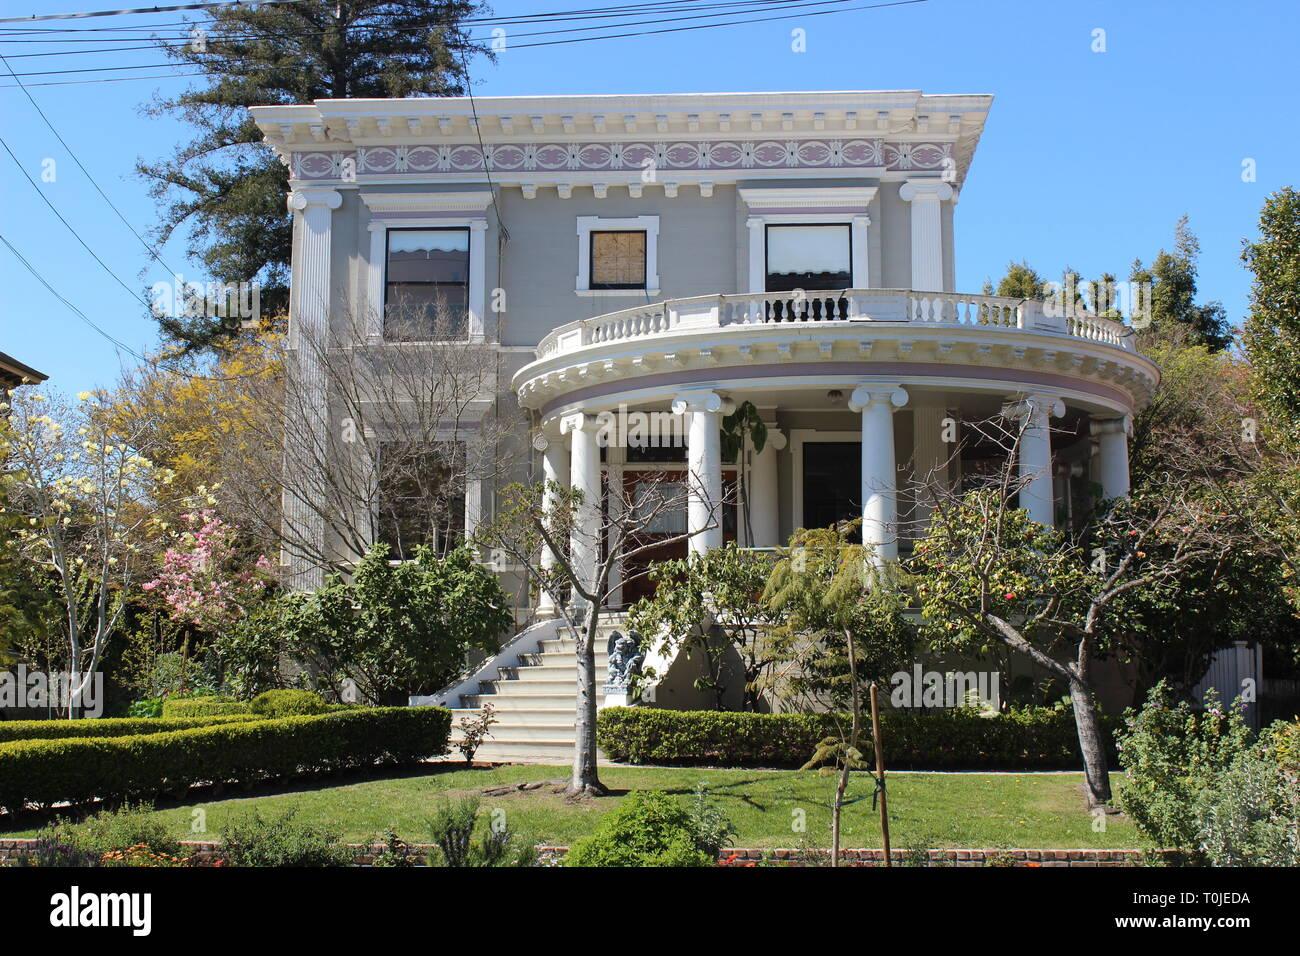 Classical Revival House, built 1896, Alameda, California - Stock Image